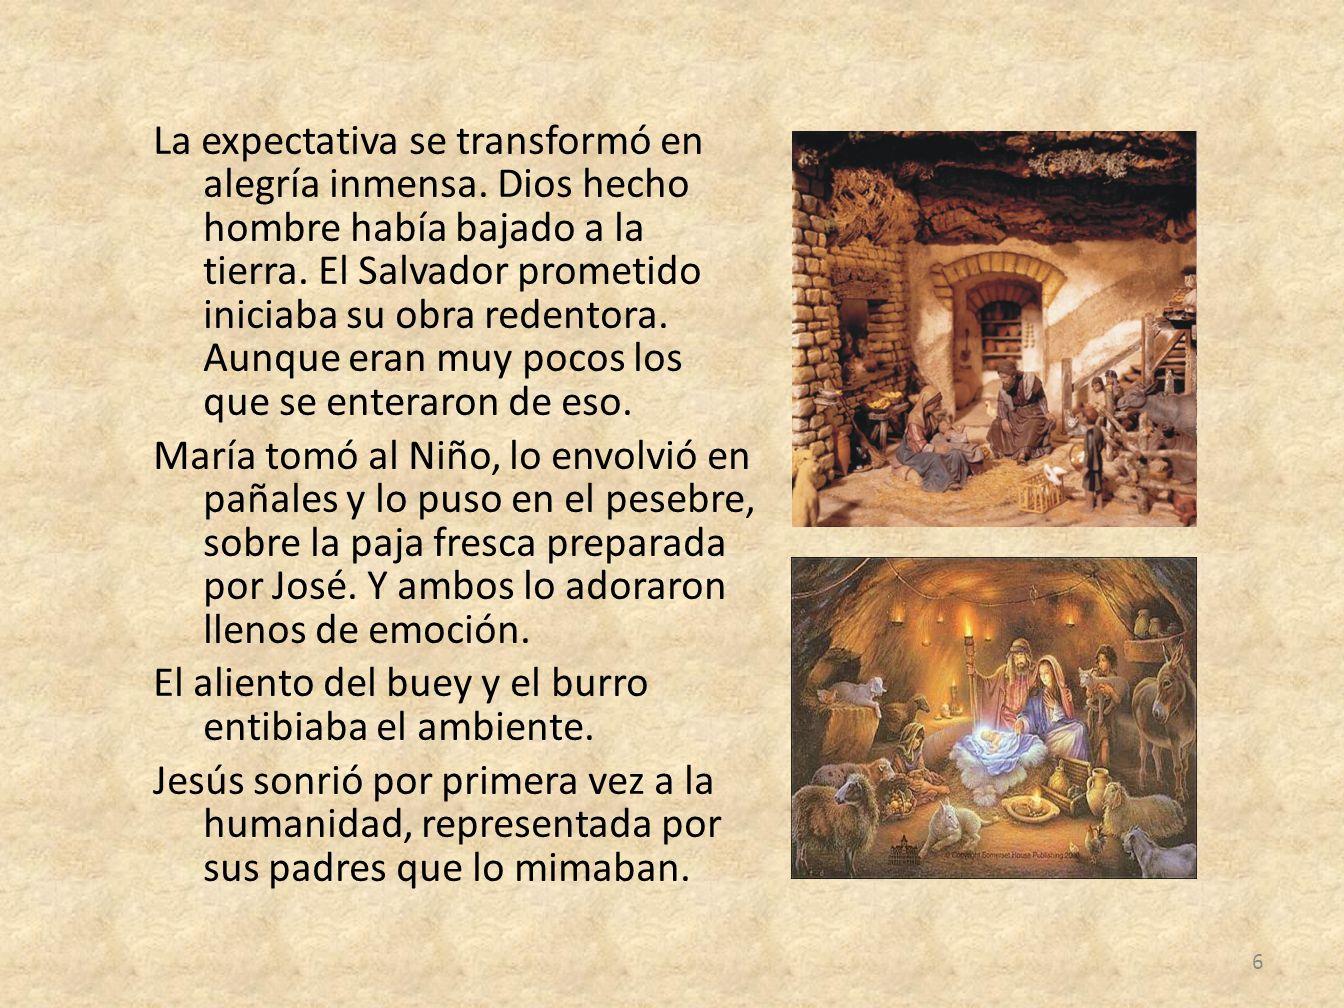 La expectativa se transformó en alegría inmensa. Dios hecho hombre había bajado a la tierra. El Salvador prometido iniciaba su obra redentora. Aunque